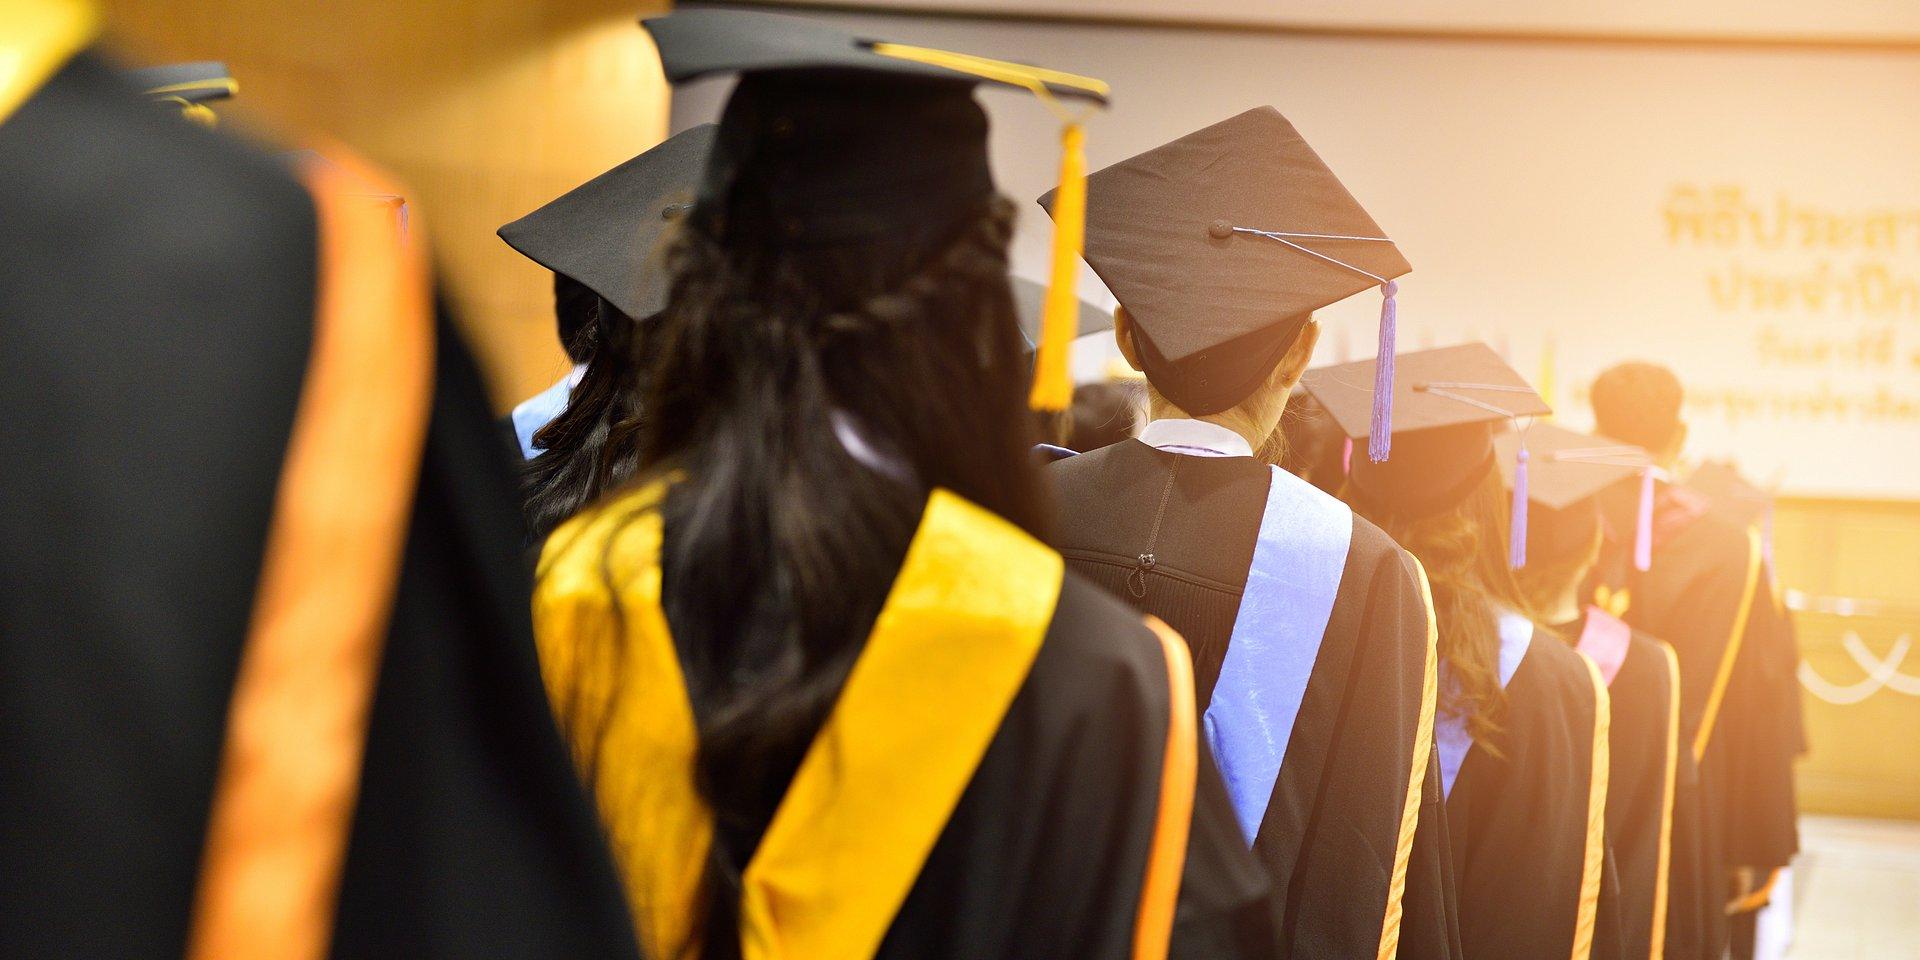 CBRE poprowadzi zajęcia dla studentów w Szkole Głównej Handlowej